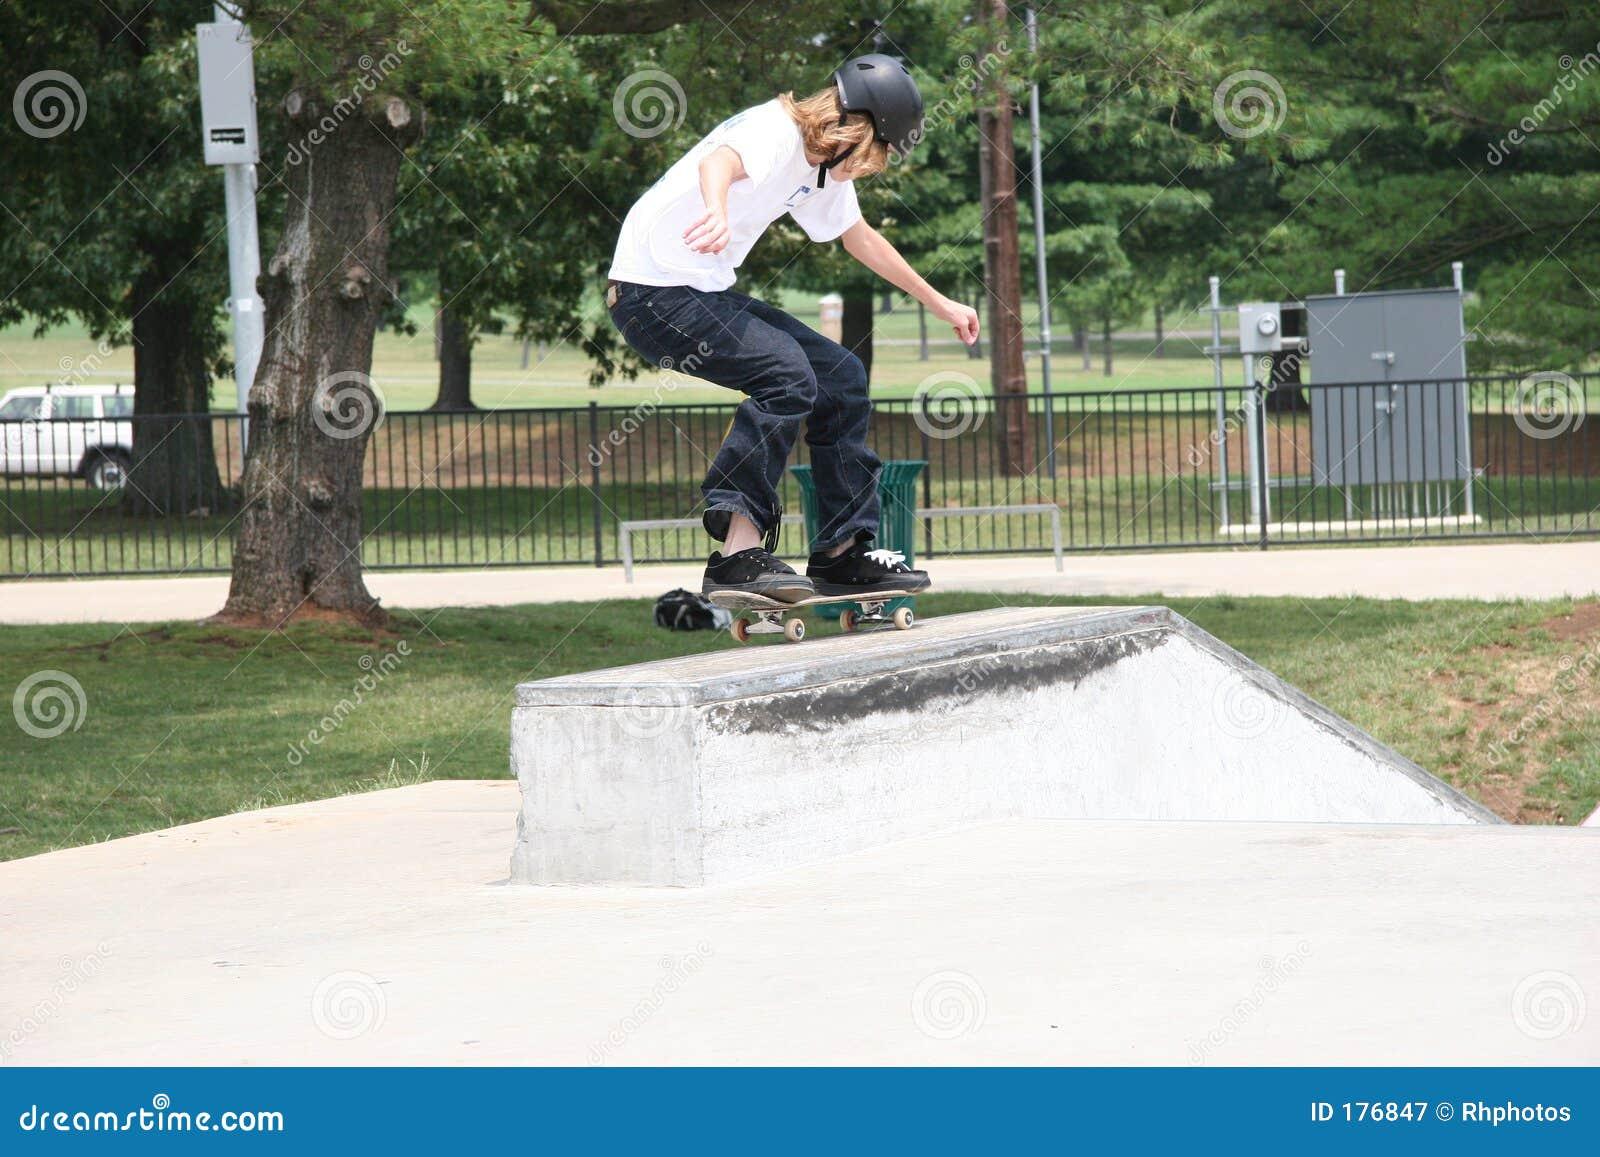 Aterrizaje del skater